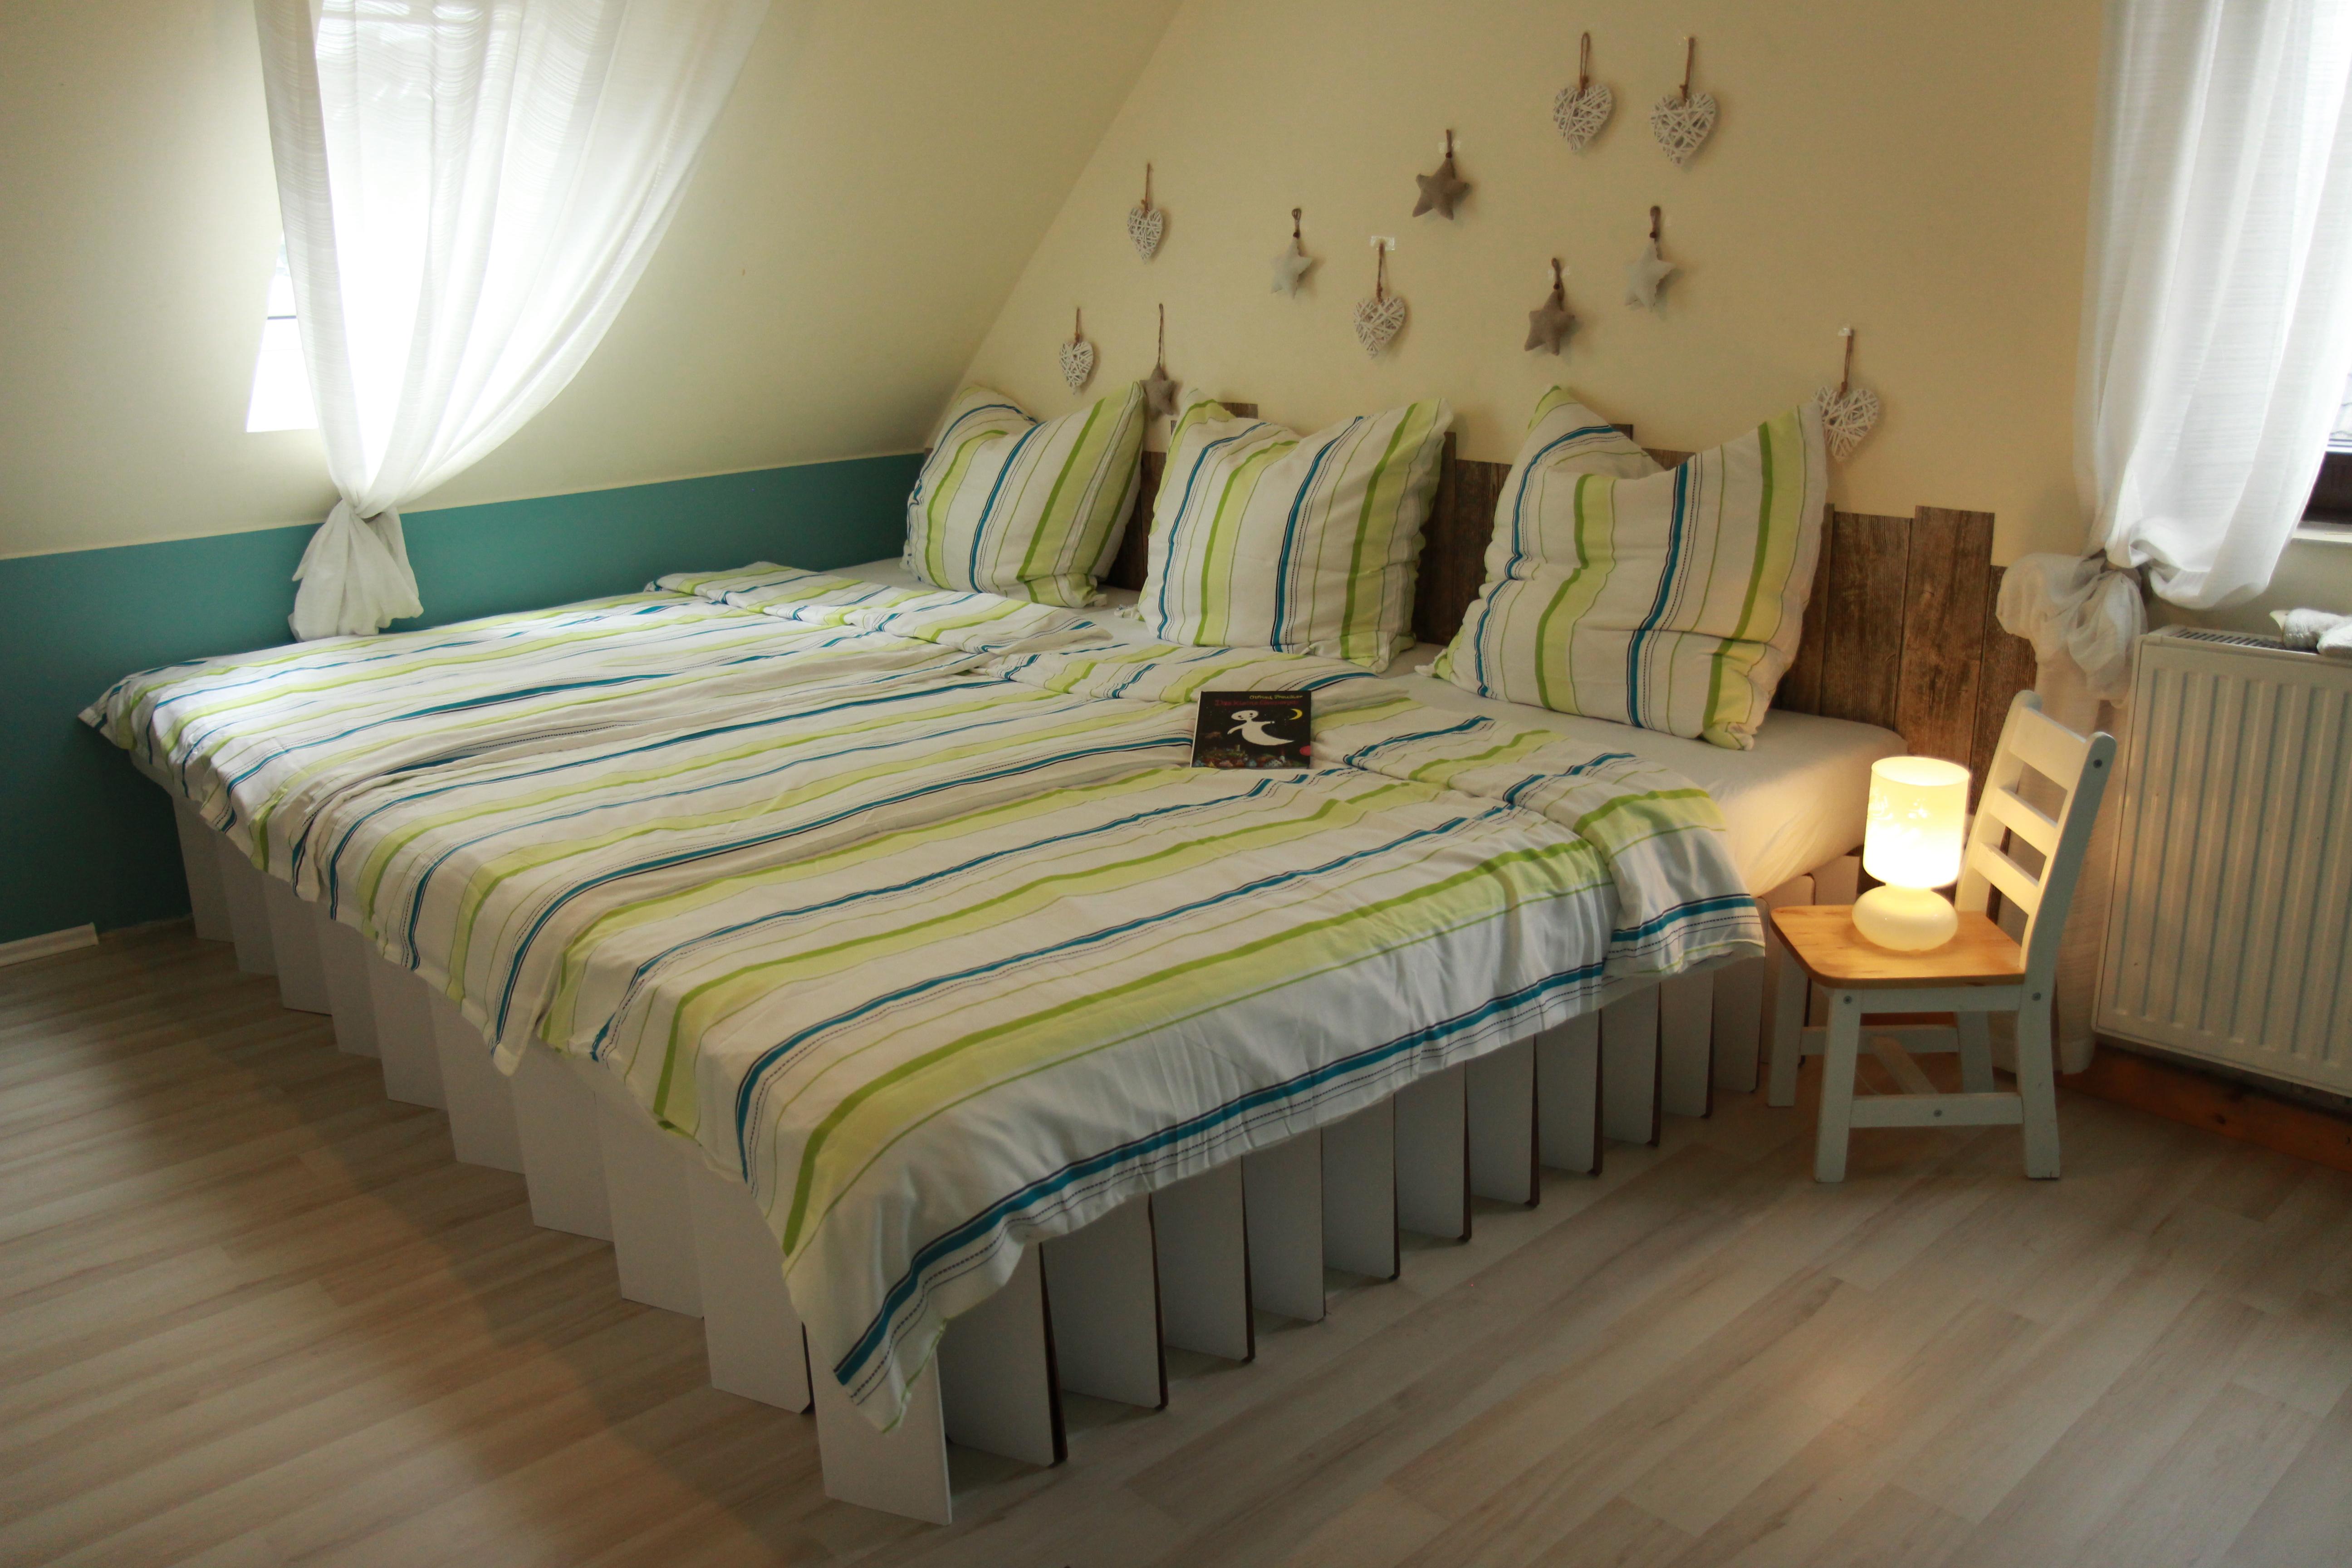 Perfekt Bettkopfteil Galerie Von Wohndesign Dekoration